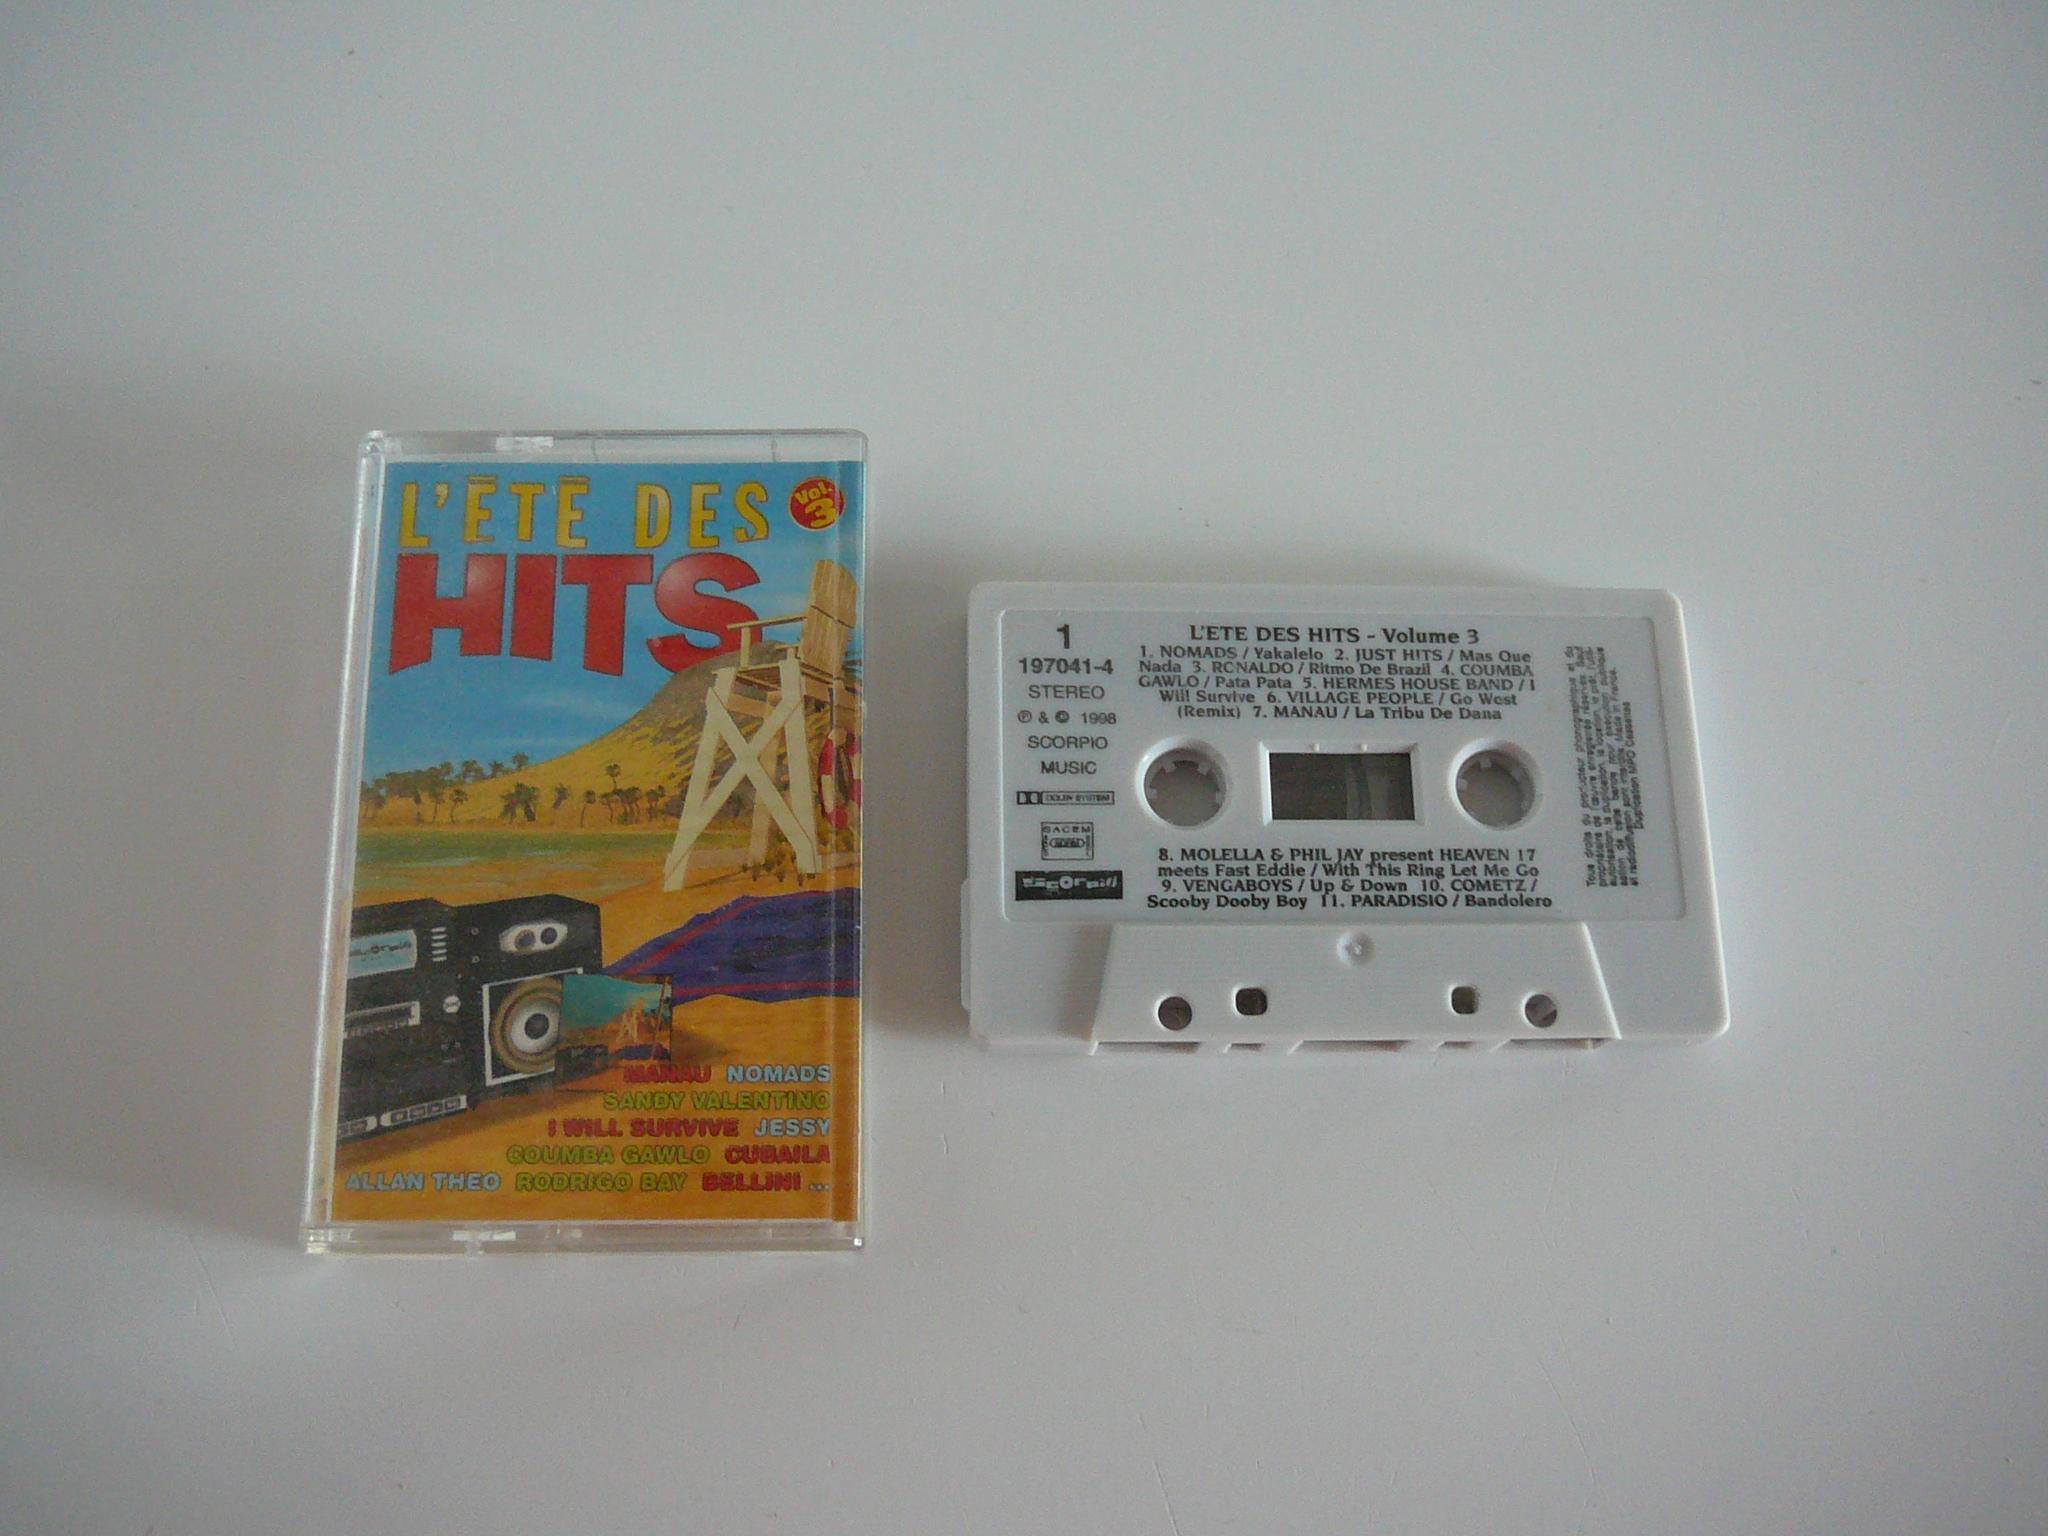 troc de troc cassette audio l'été des hits image 0